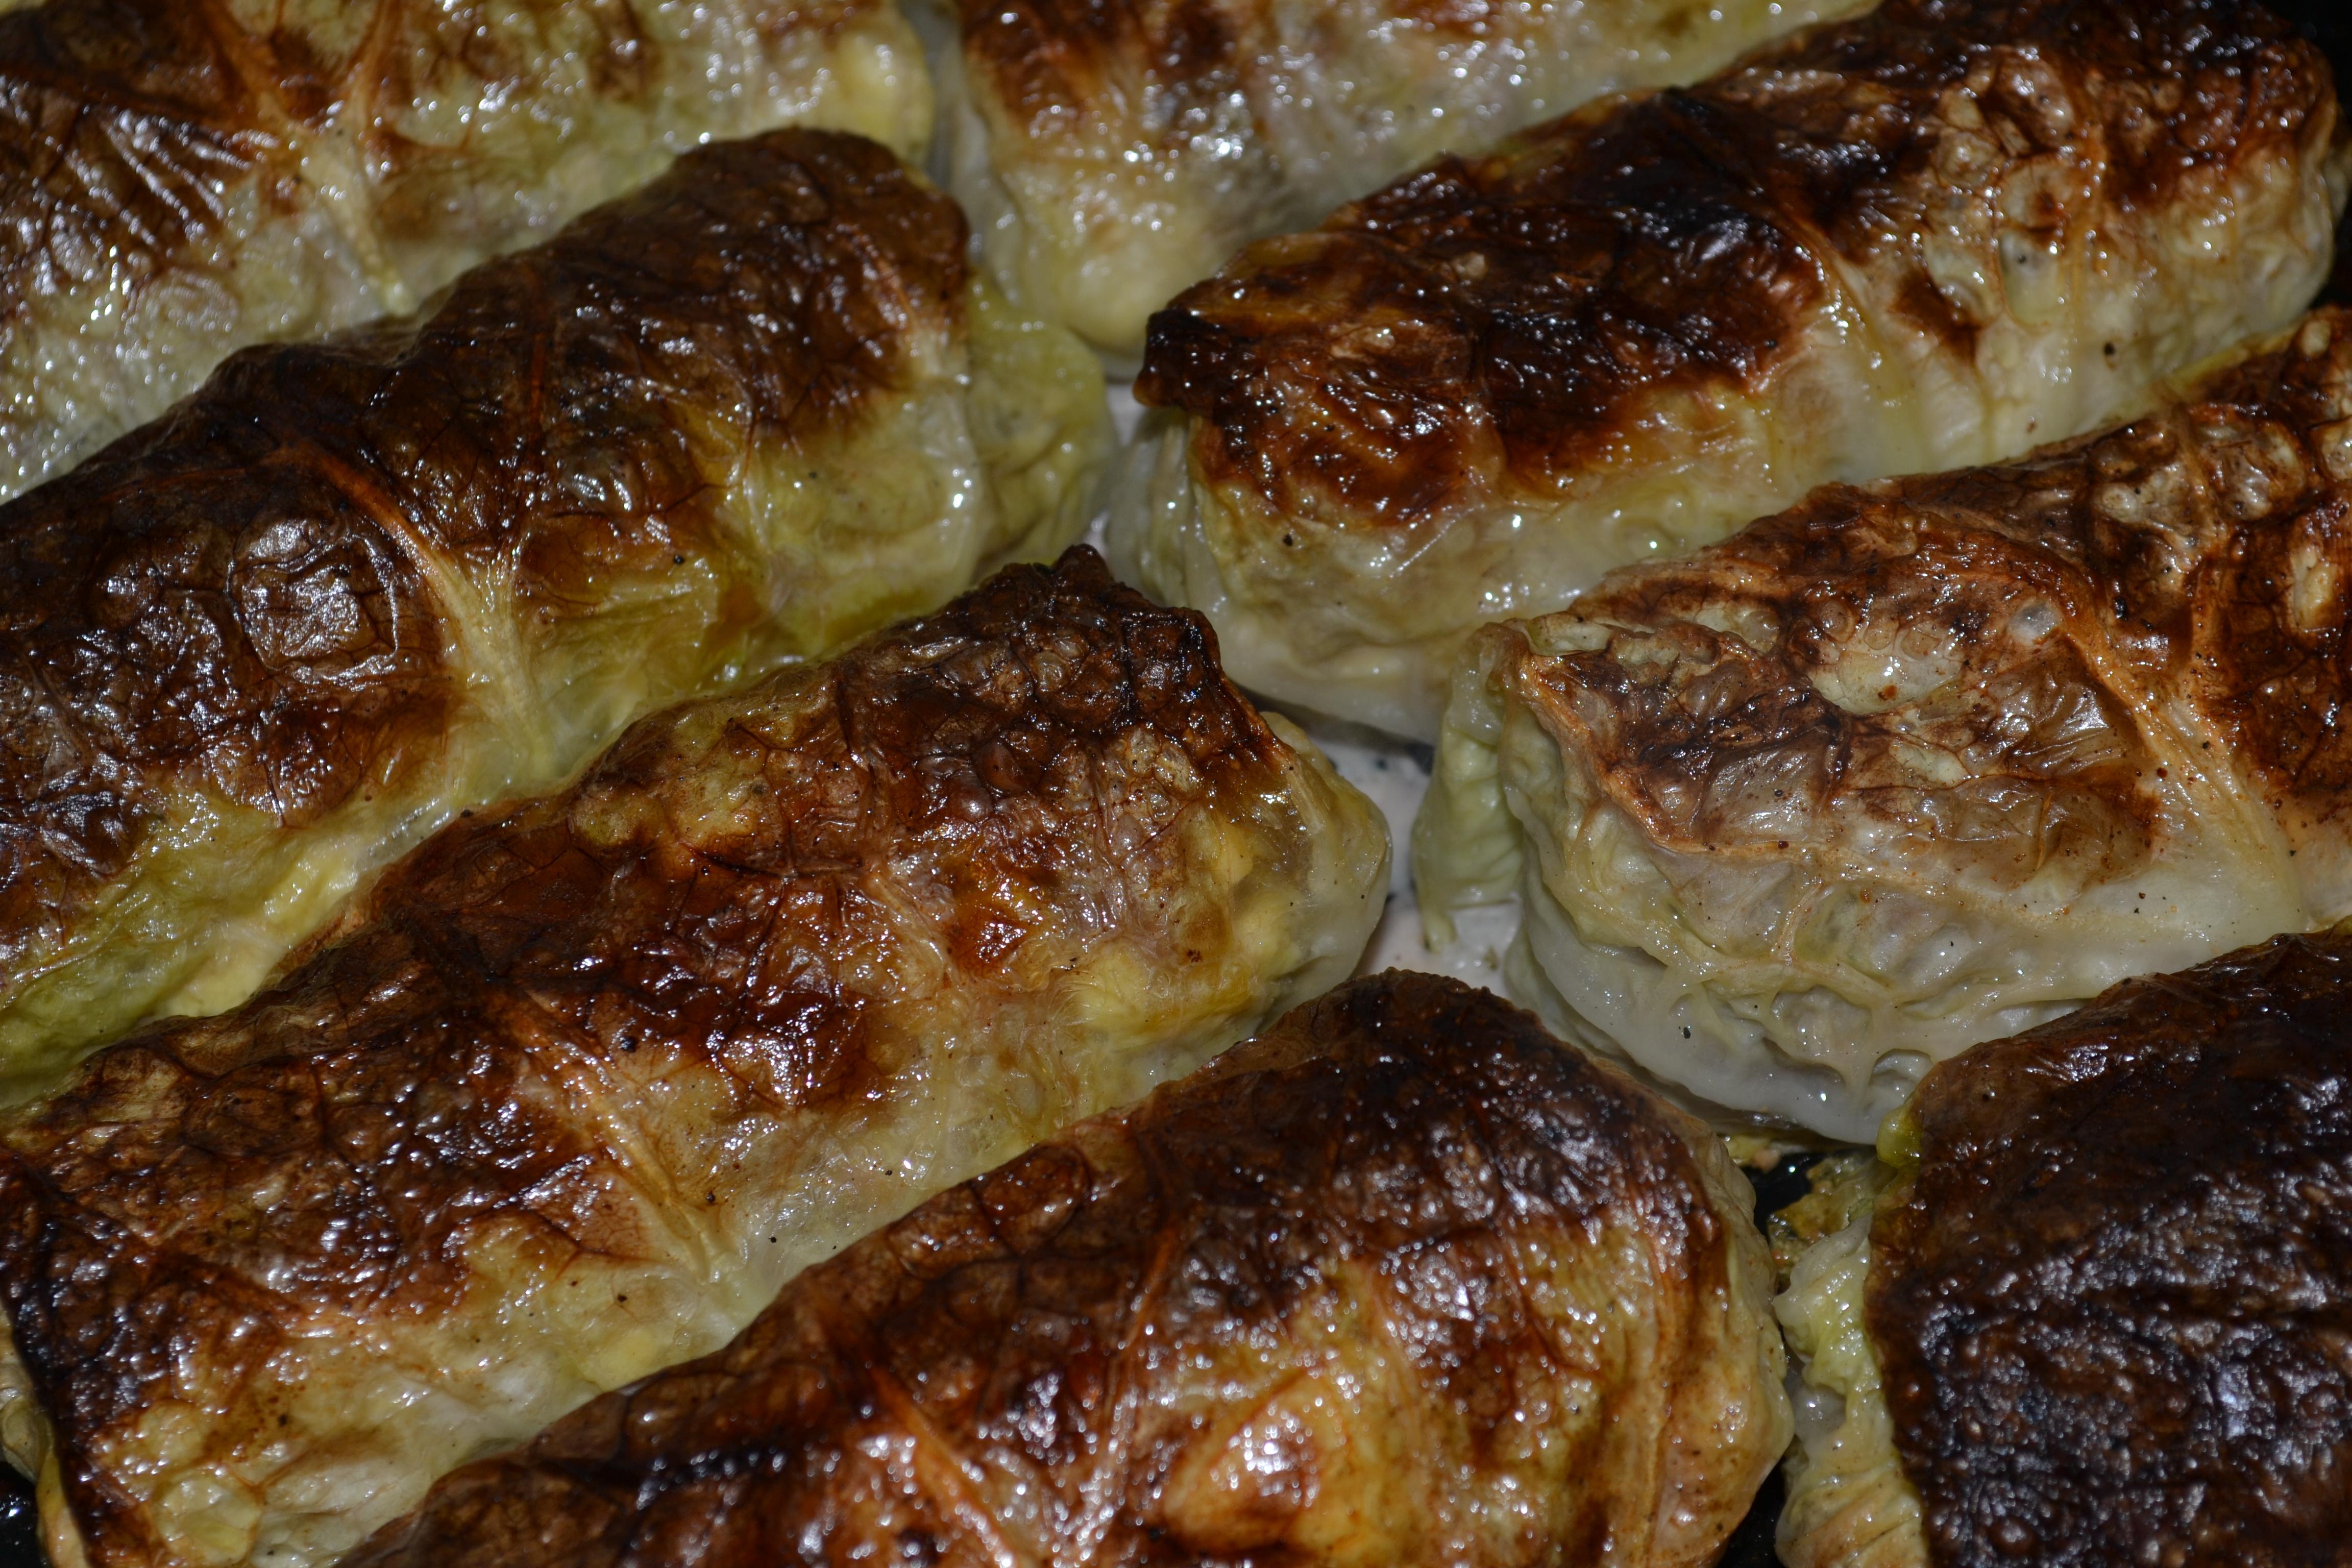 Wirsingrouladen zunächst ohne Flüssigkeit 15 min im Ofen garen